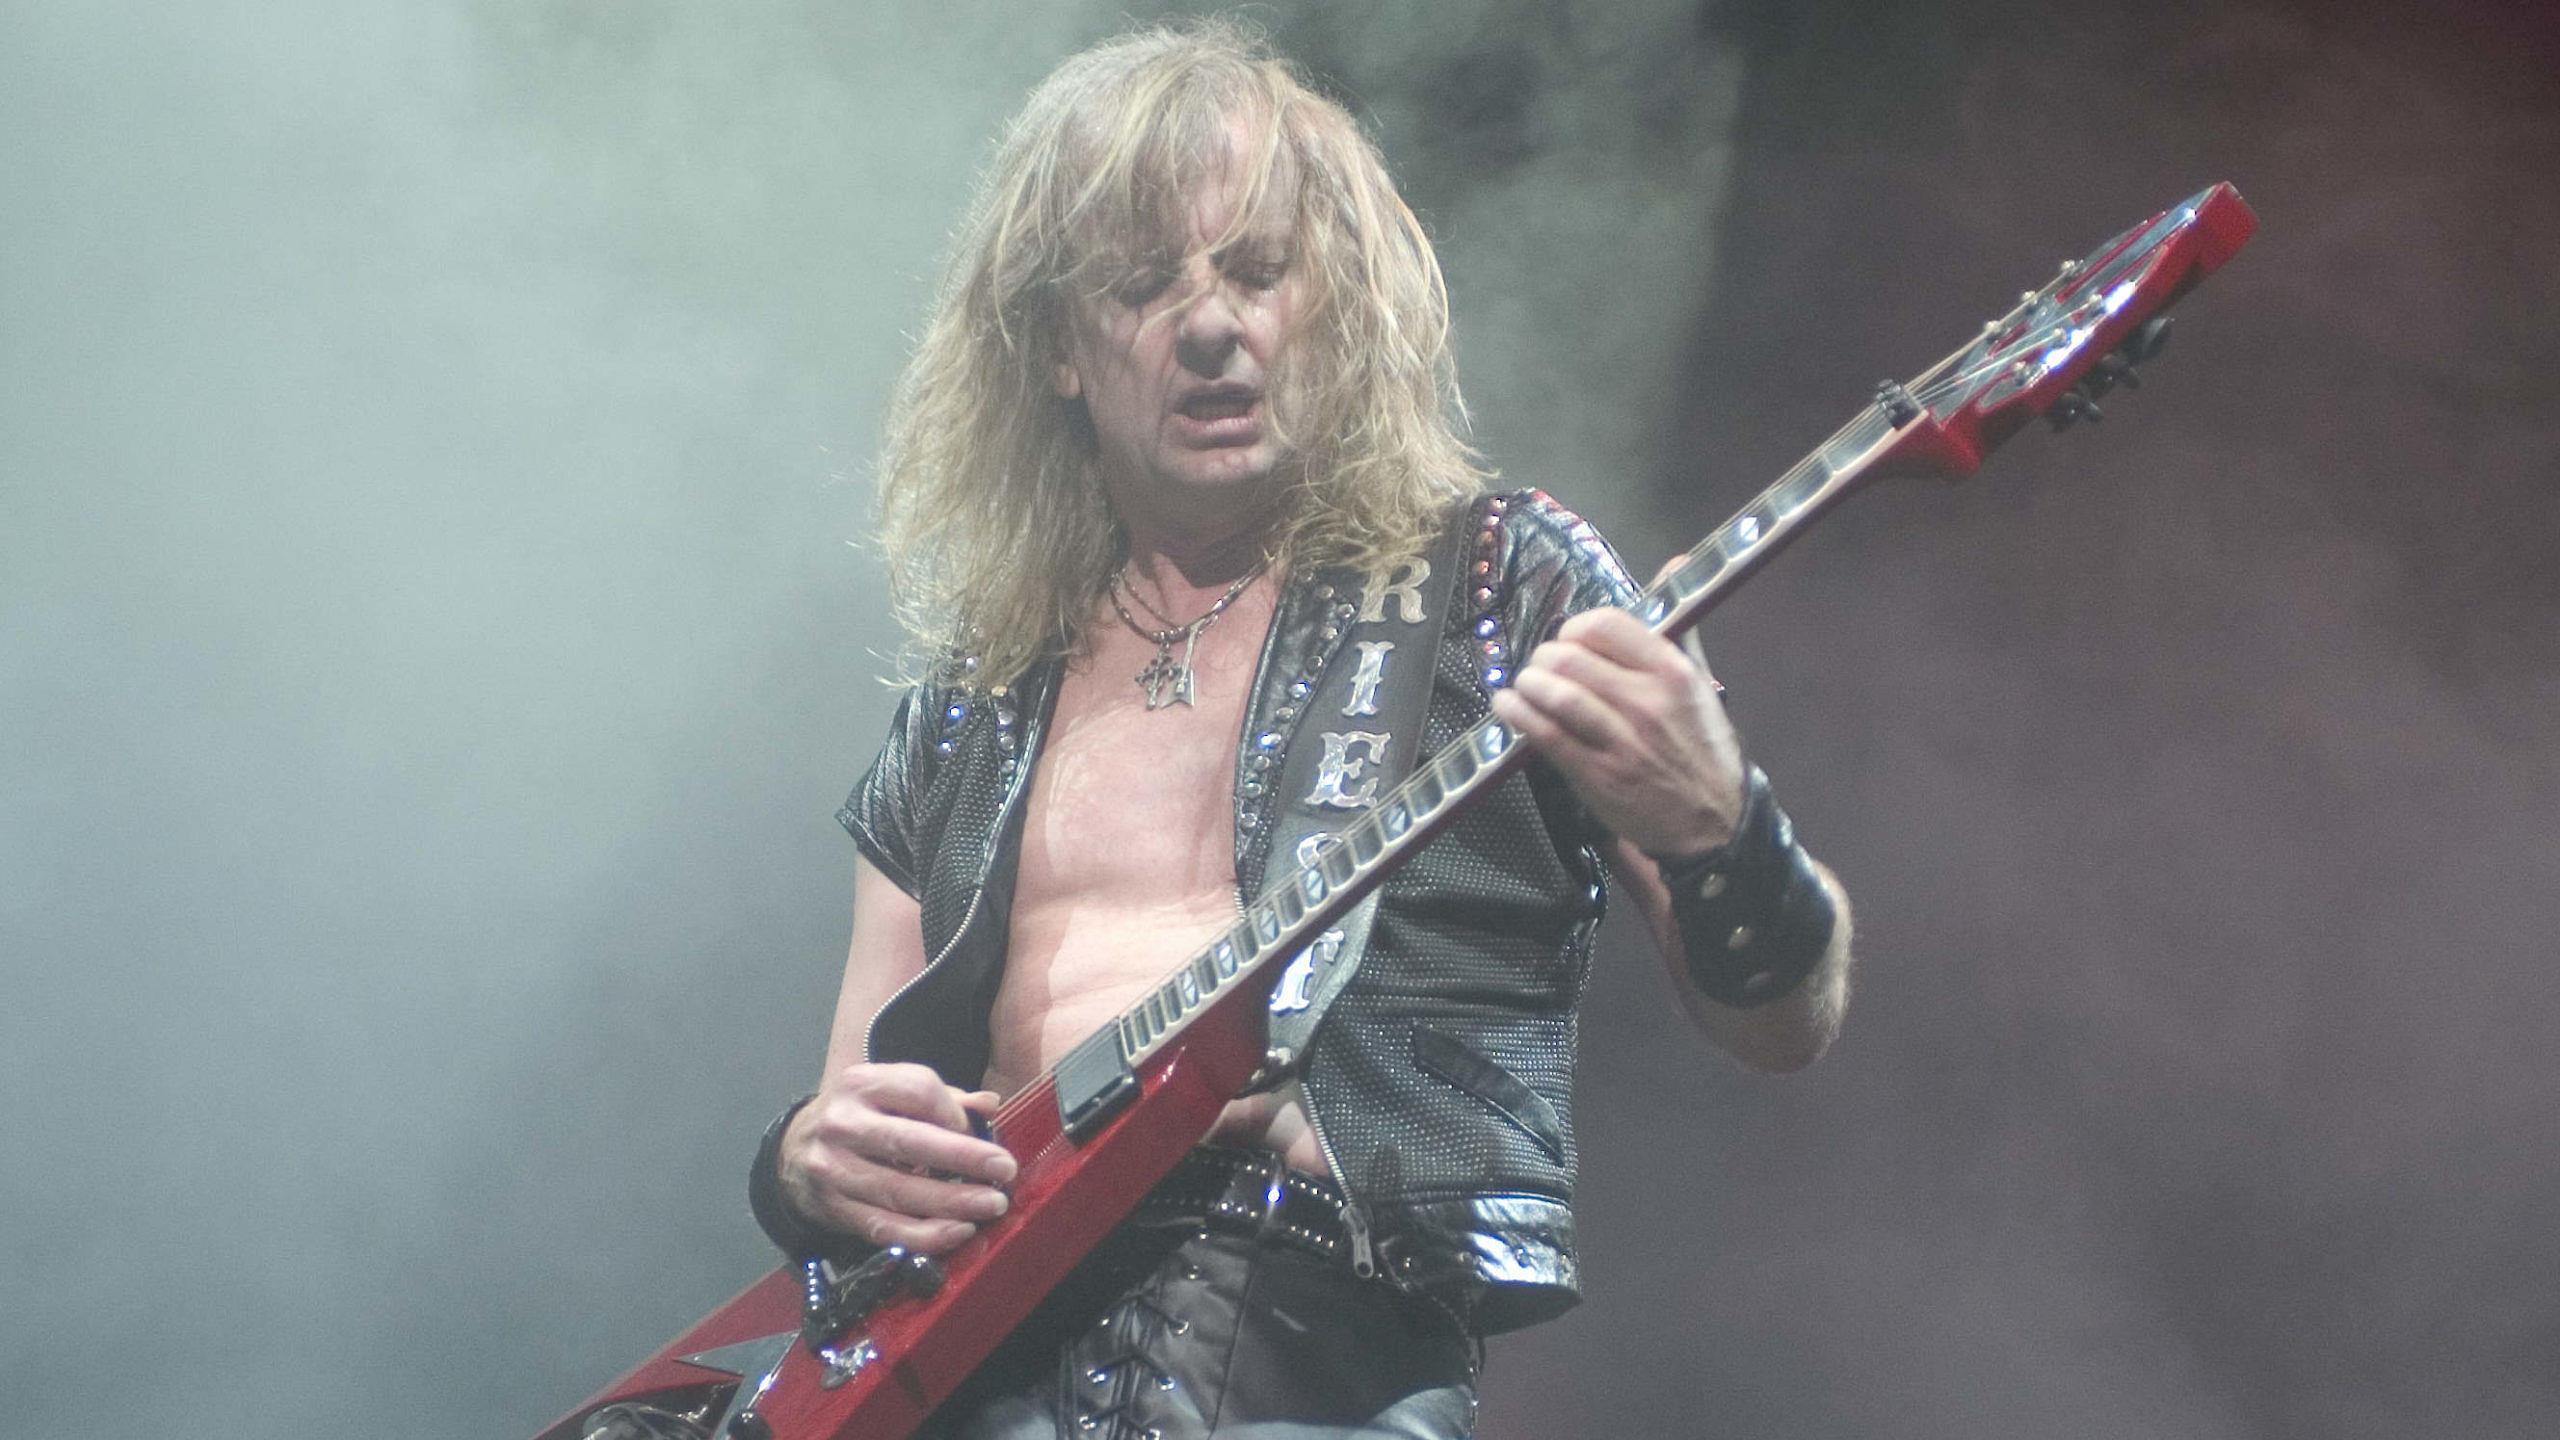 K.K. Downing: Mein Ausstieg bei Judas Priest war orchestriert